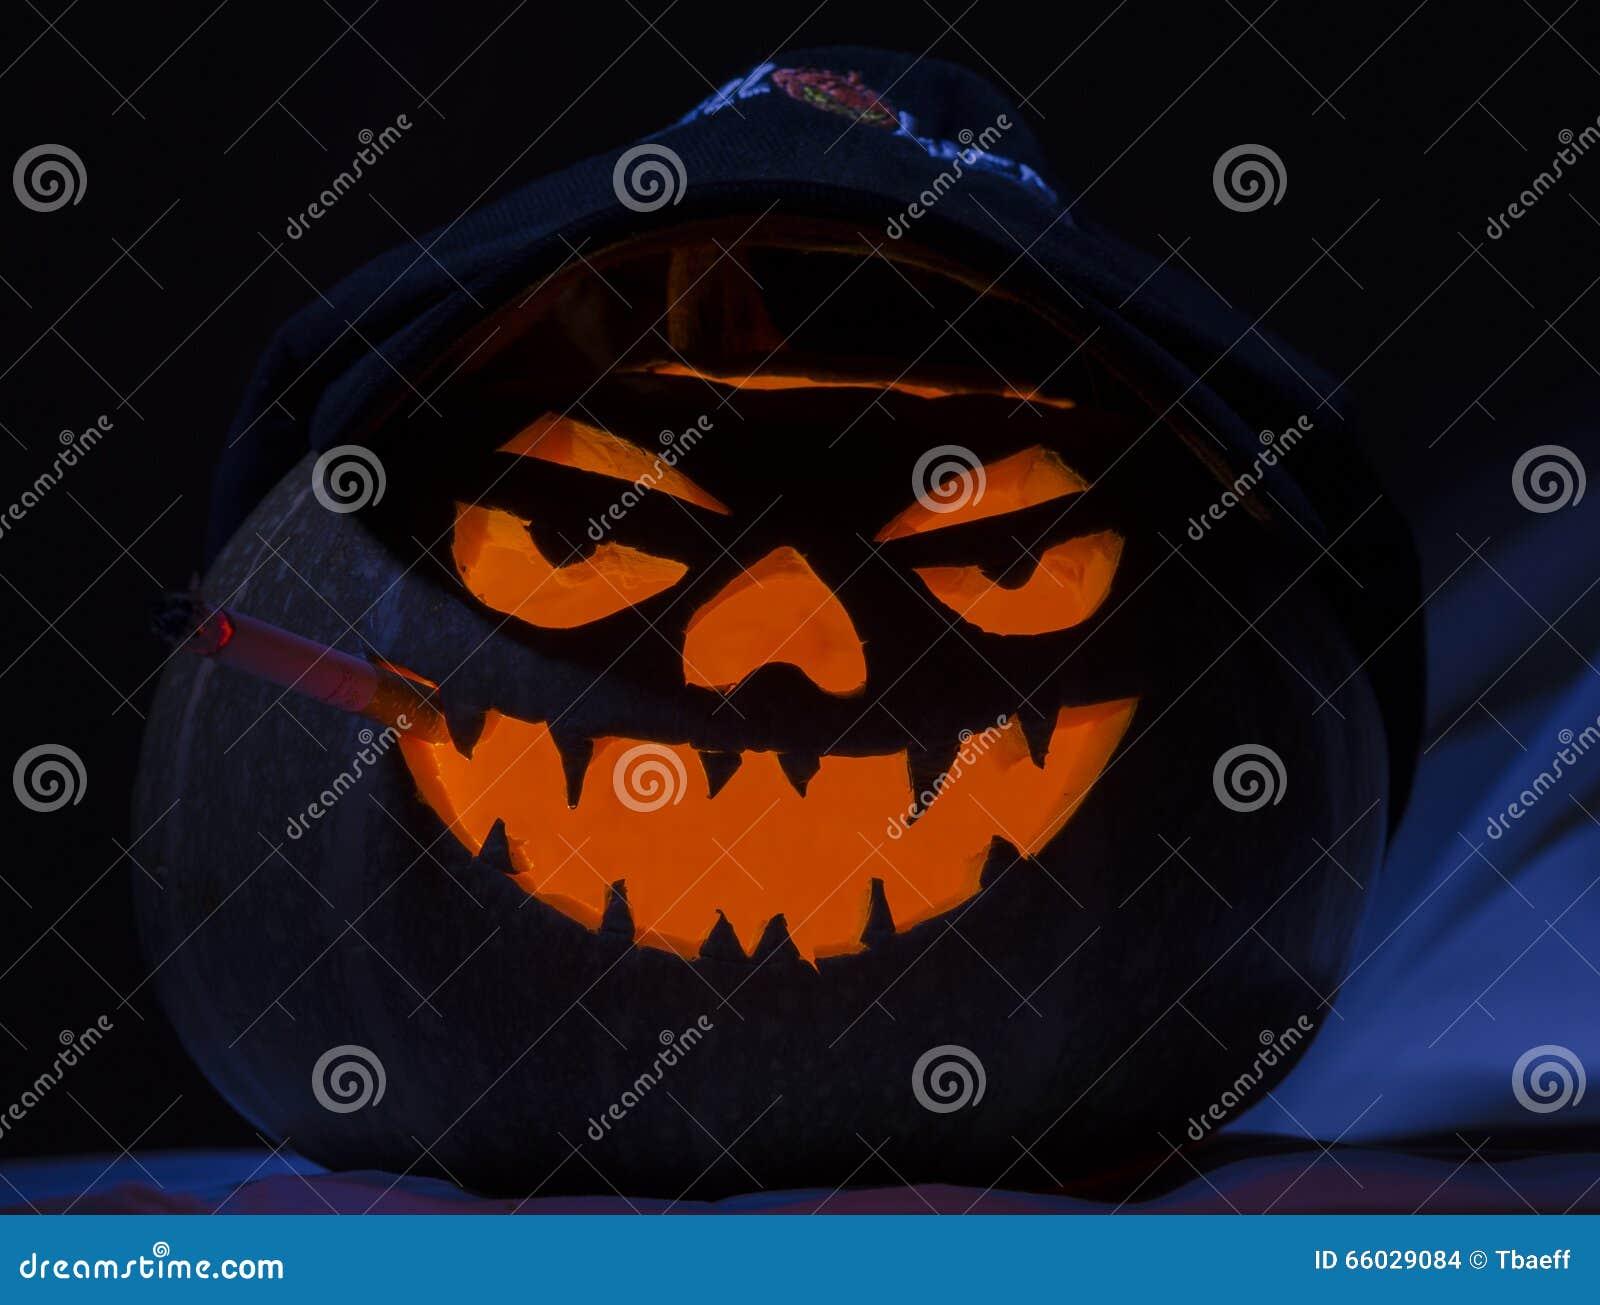 Pianta Di Zucca Di Halloween.Sigaretta Di Fumo Della Zucca Di Halloween Fotografia Stock